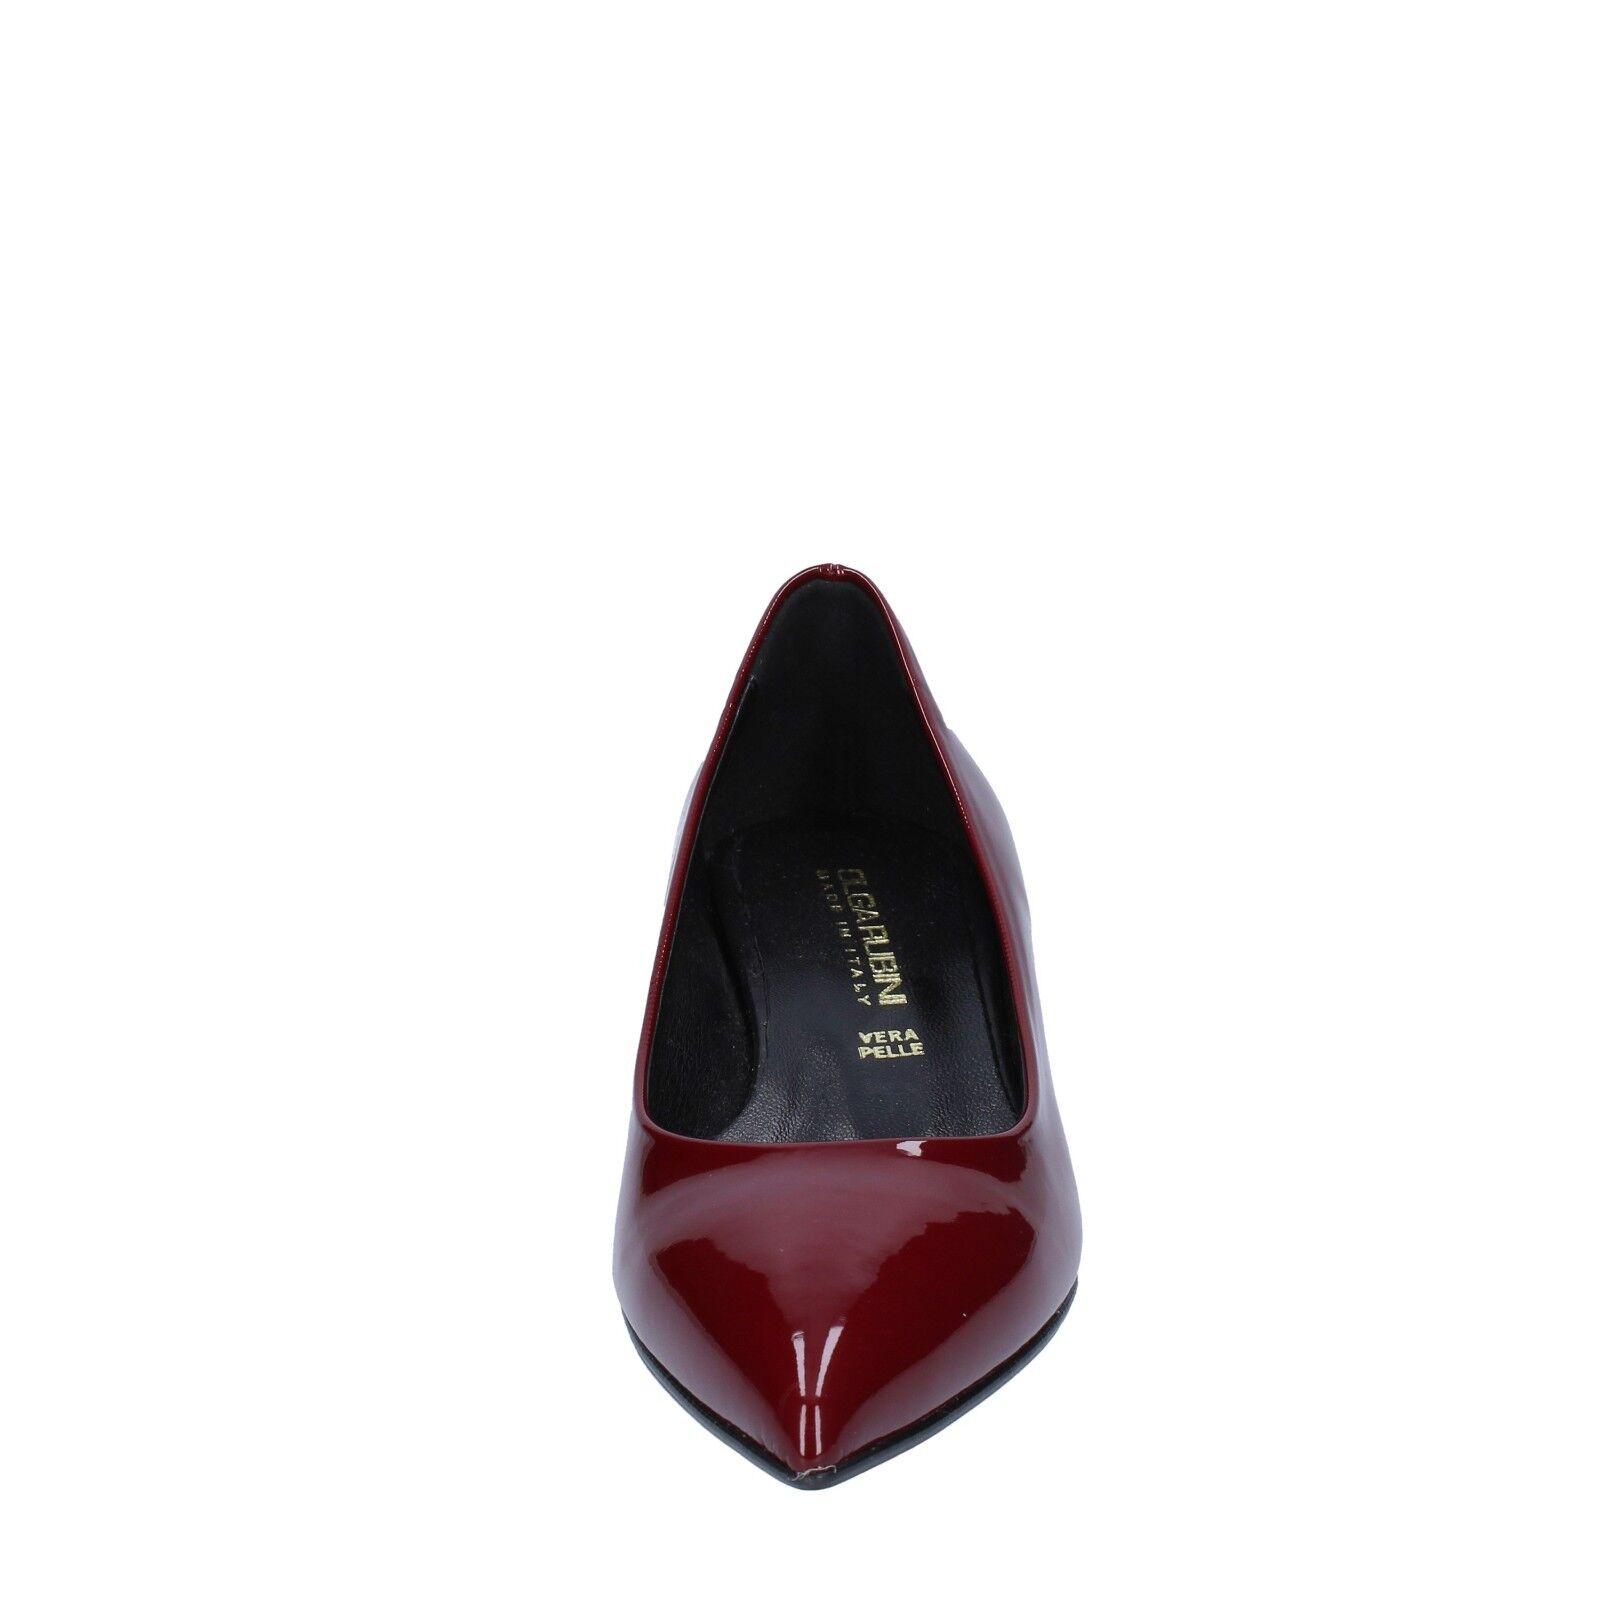 Woherren schuhe OLGA RUBINI 8 (EU (EU (EU 38) pumps burgundy patent leather BX791-38 406d94